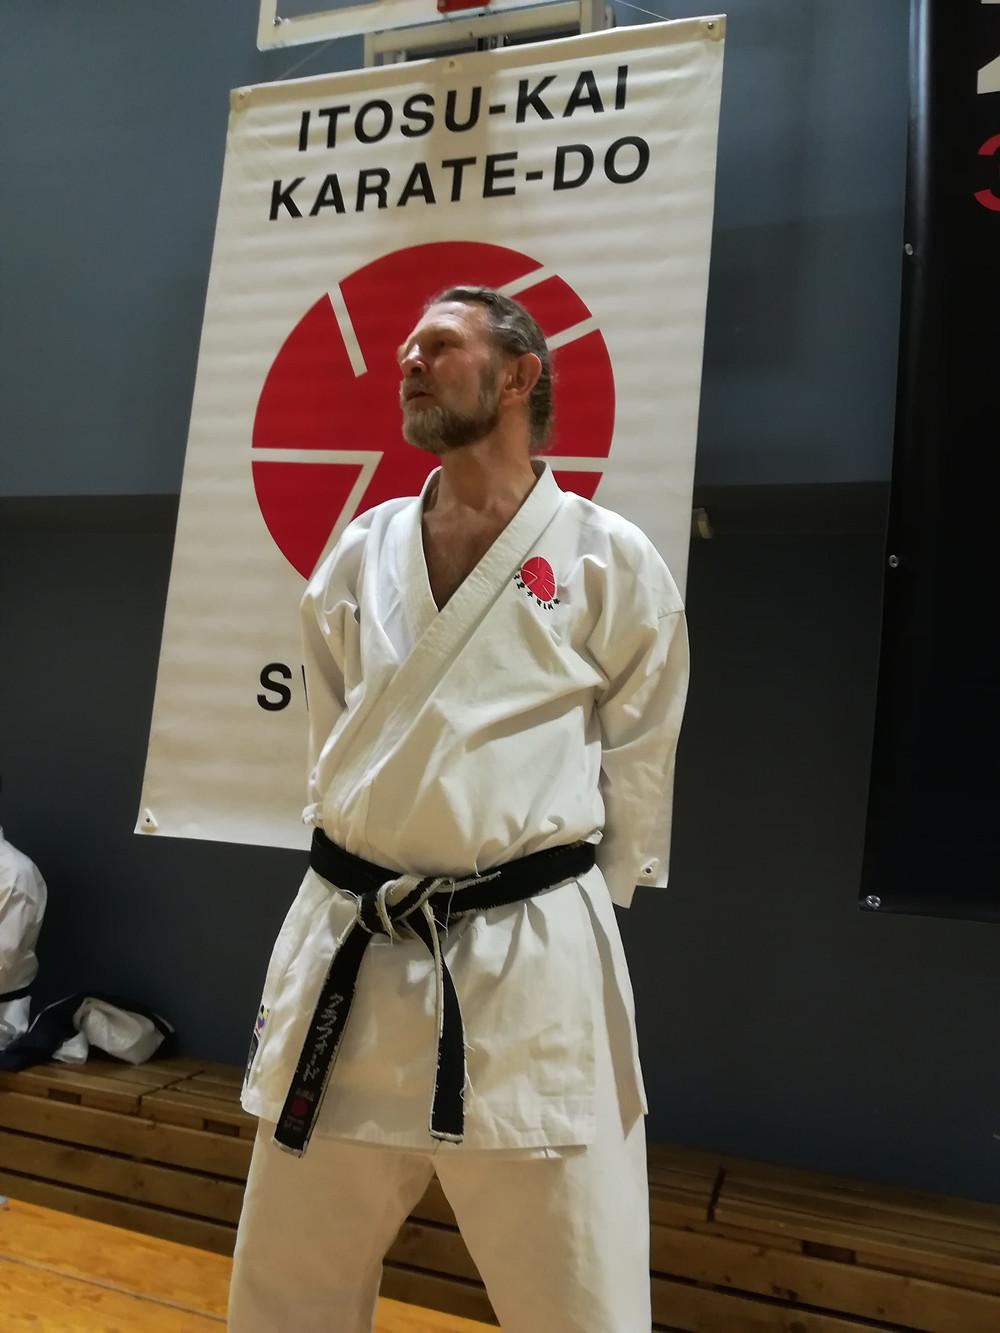 Itosu-kai Sweden